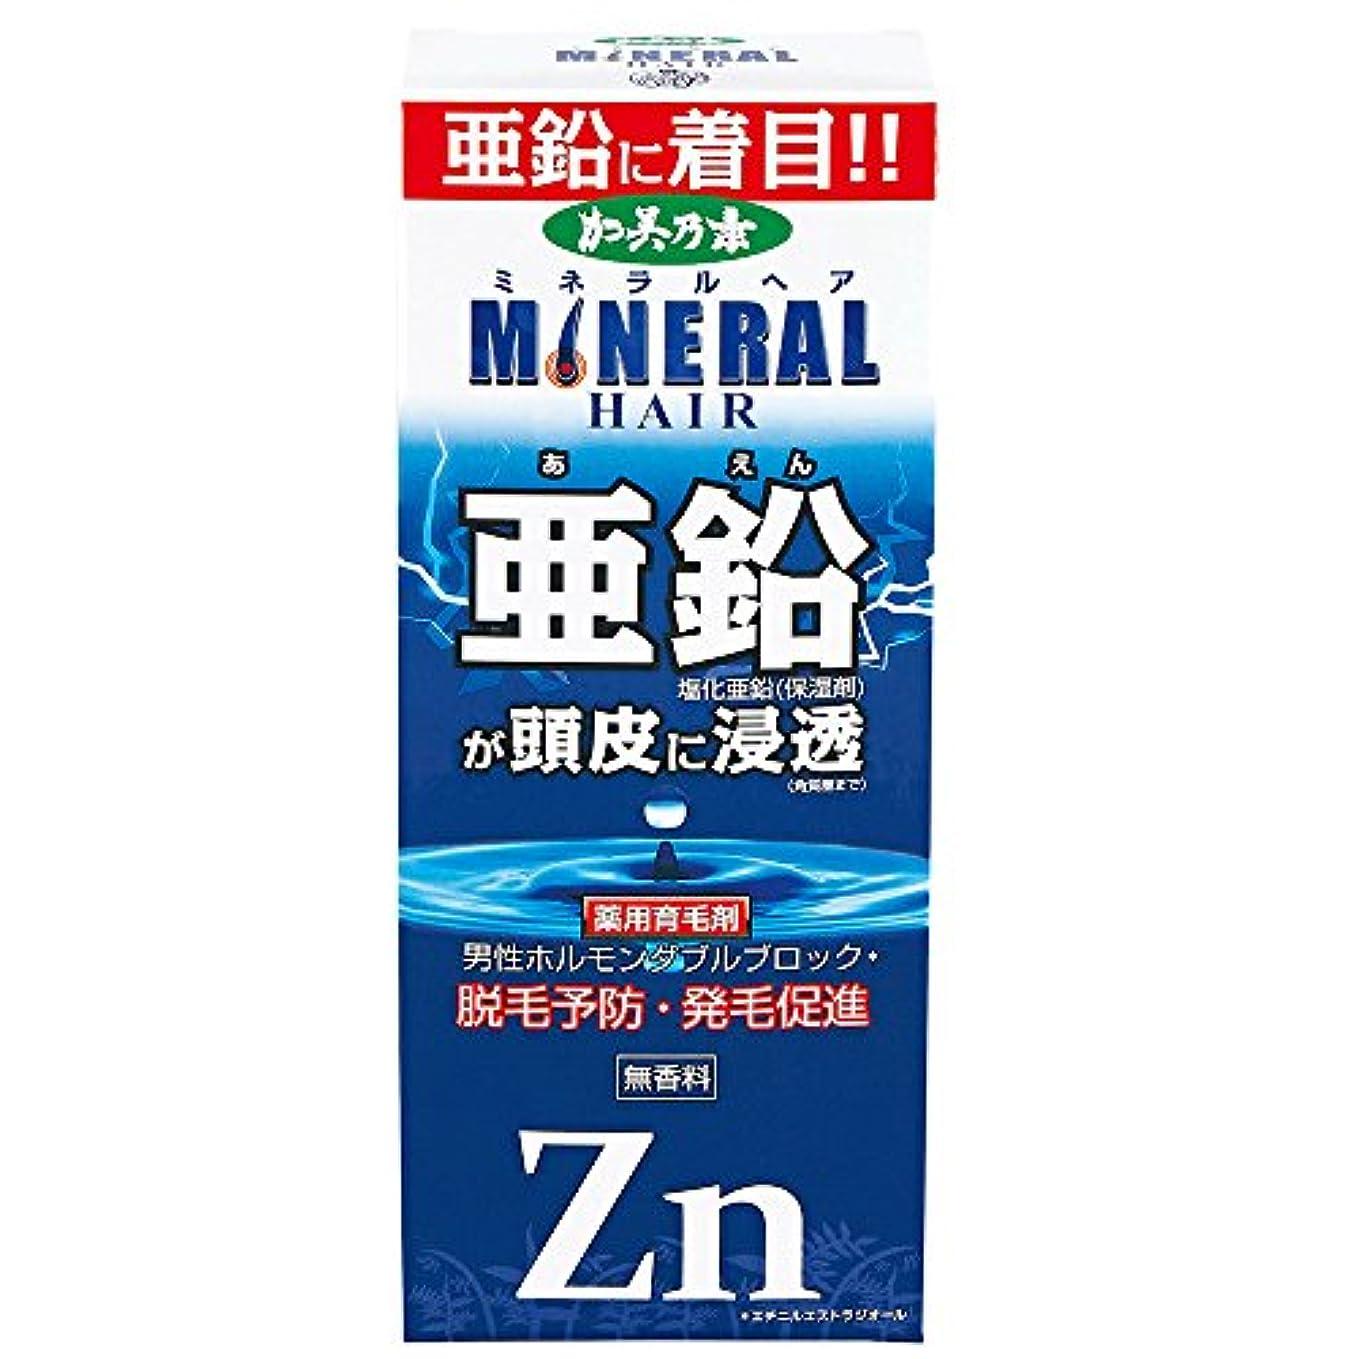 東あえてシャーク薬用加美乃素 ミネラルヘア 育毛剤 180mL (医薬部外品)